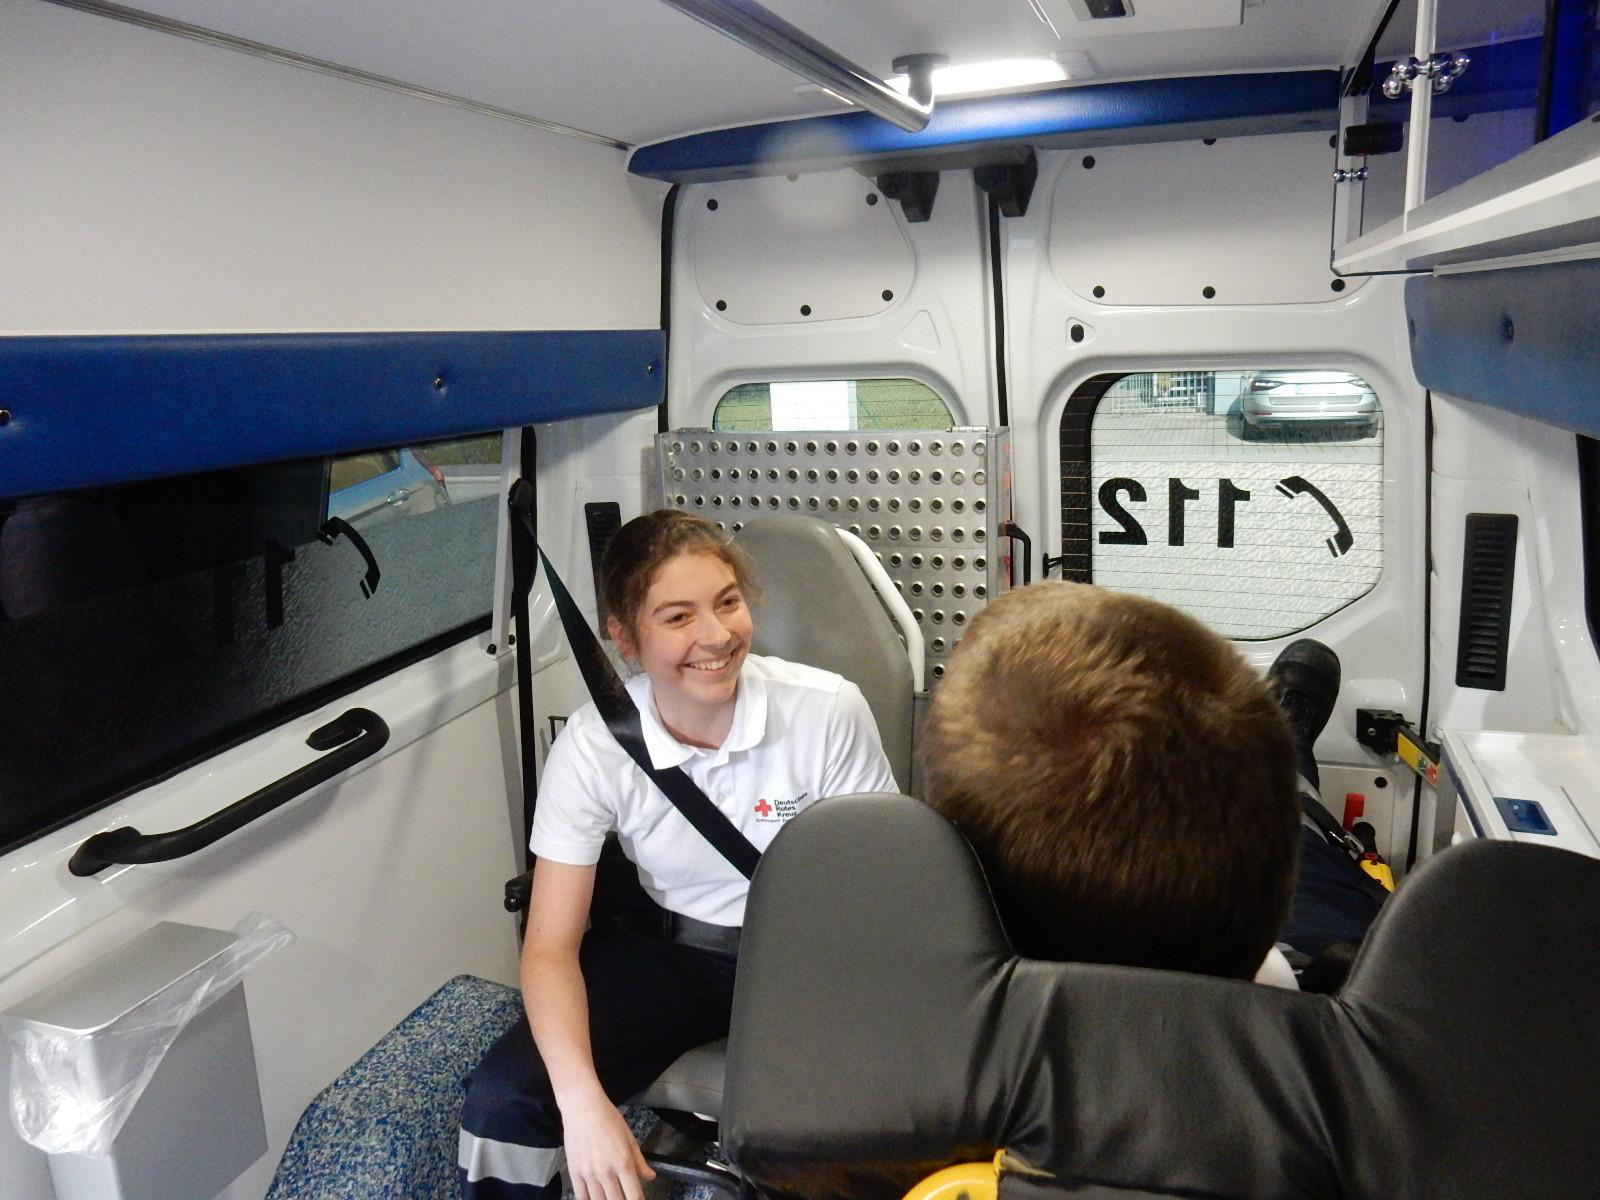 Auch die Patientenbetreuung gehört zum den Aufgaben eines Rettungshelfers im Krankentransport. Foto: Kurt Meier